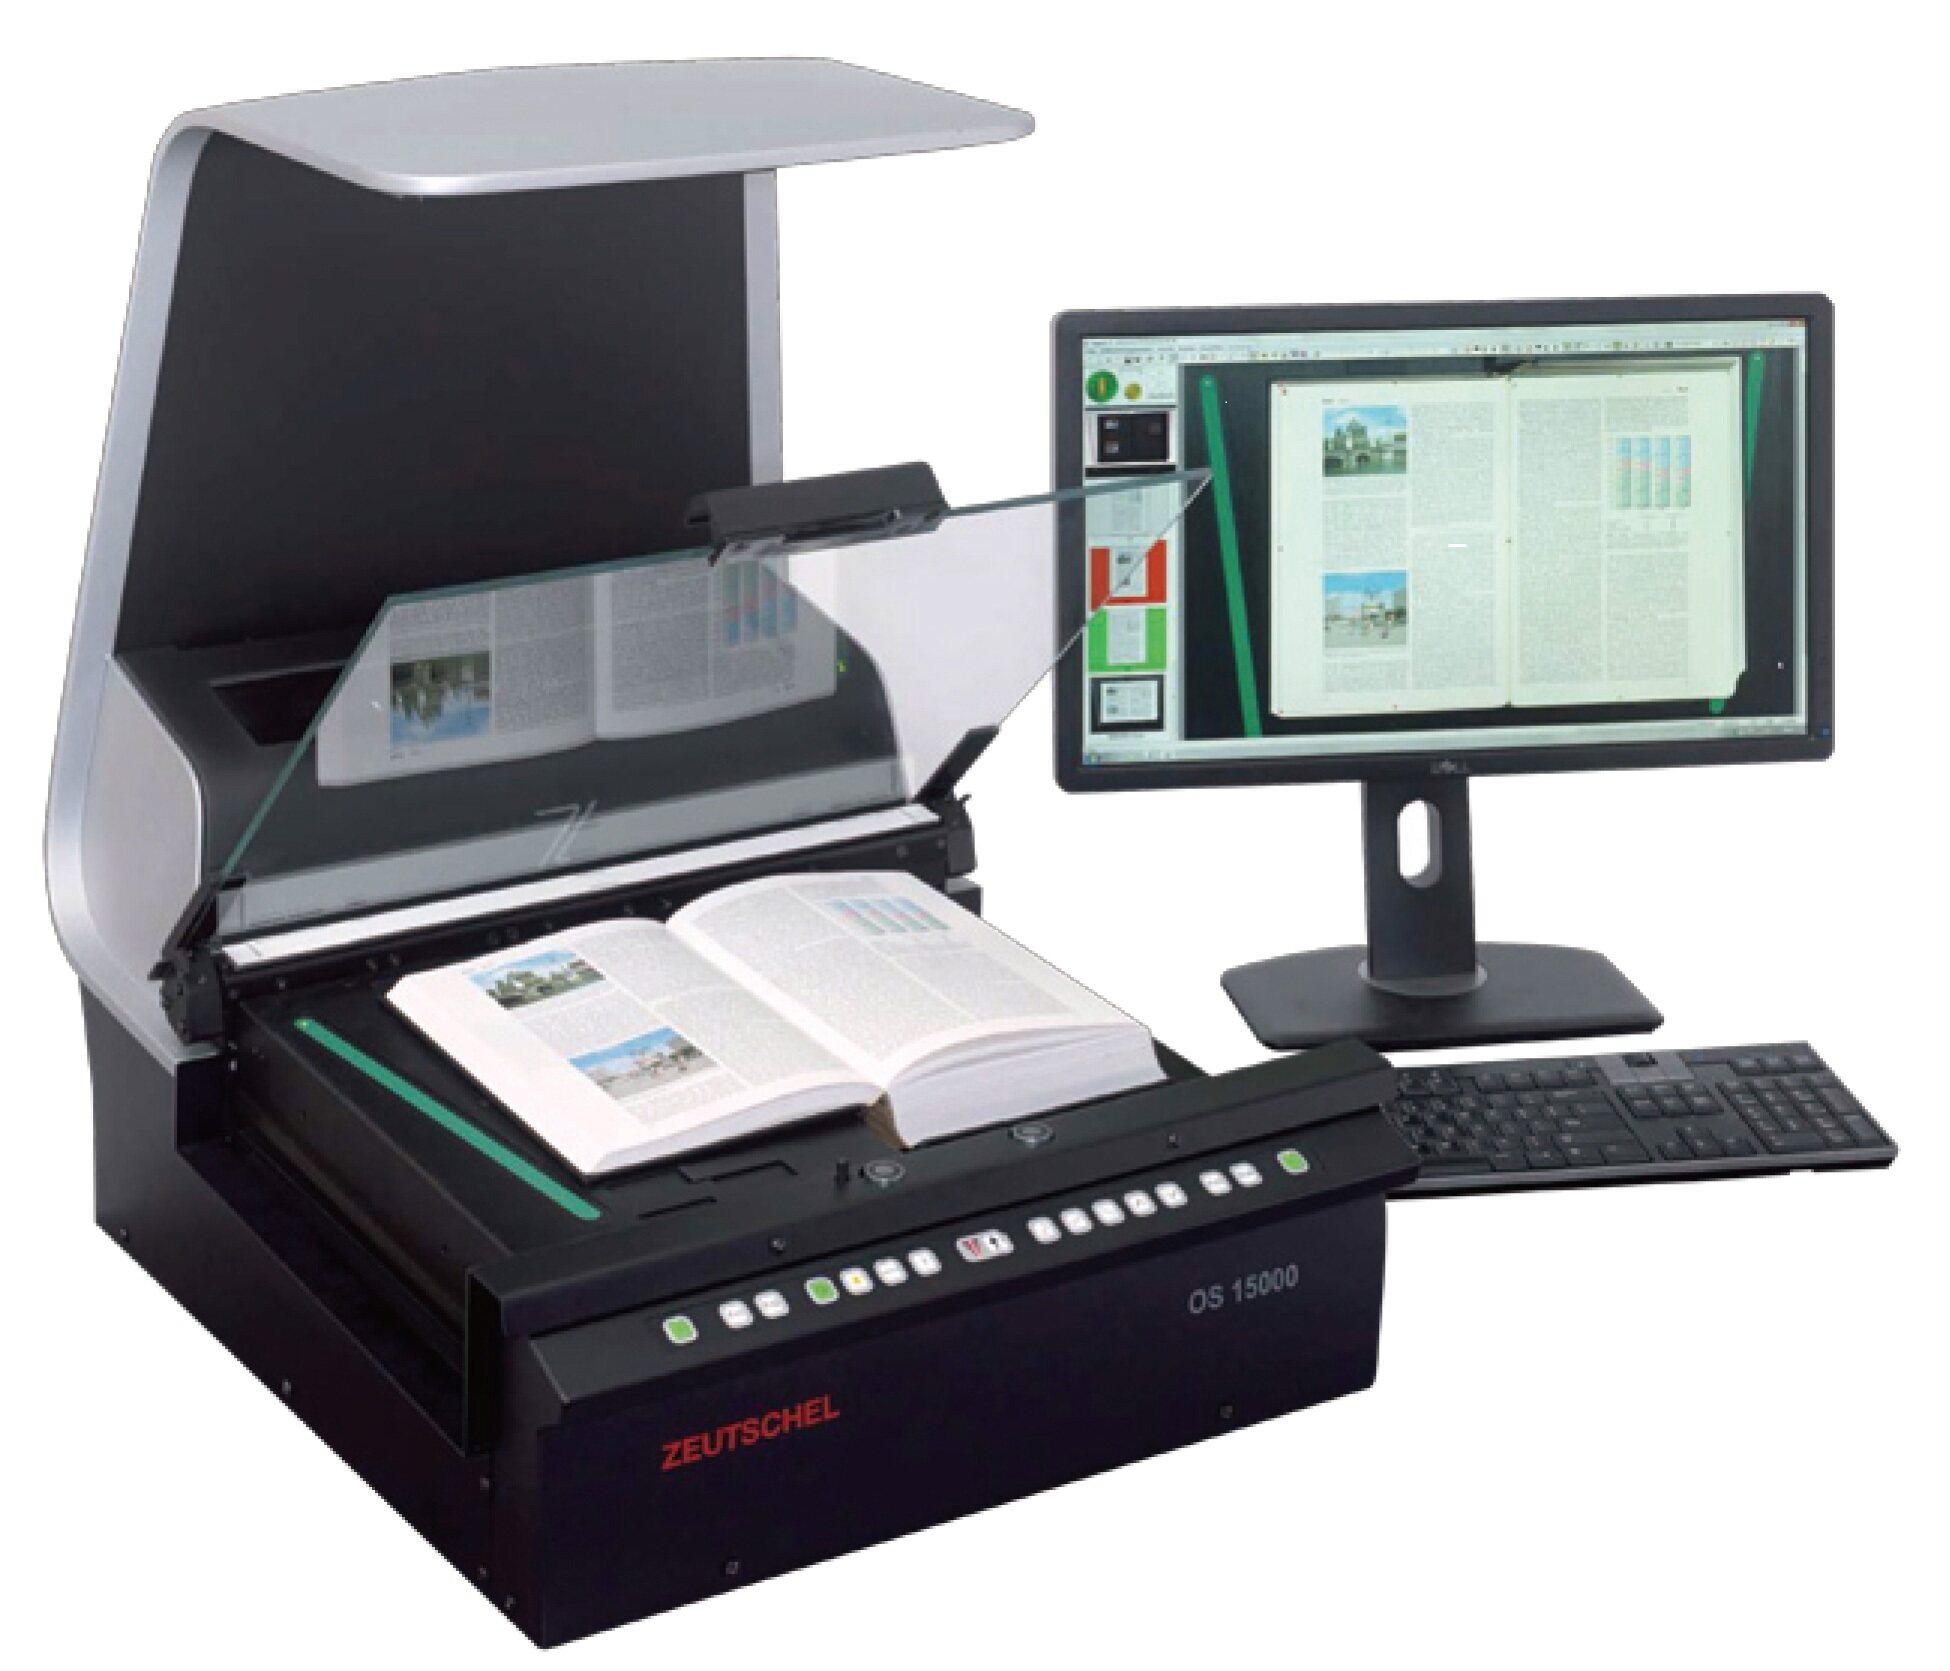 书刊档案扫描仪打造无围墙的学校_书刊扫描